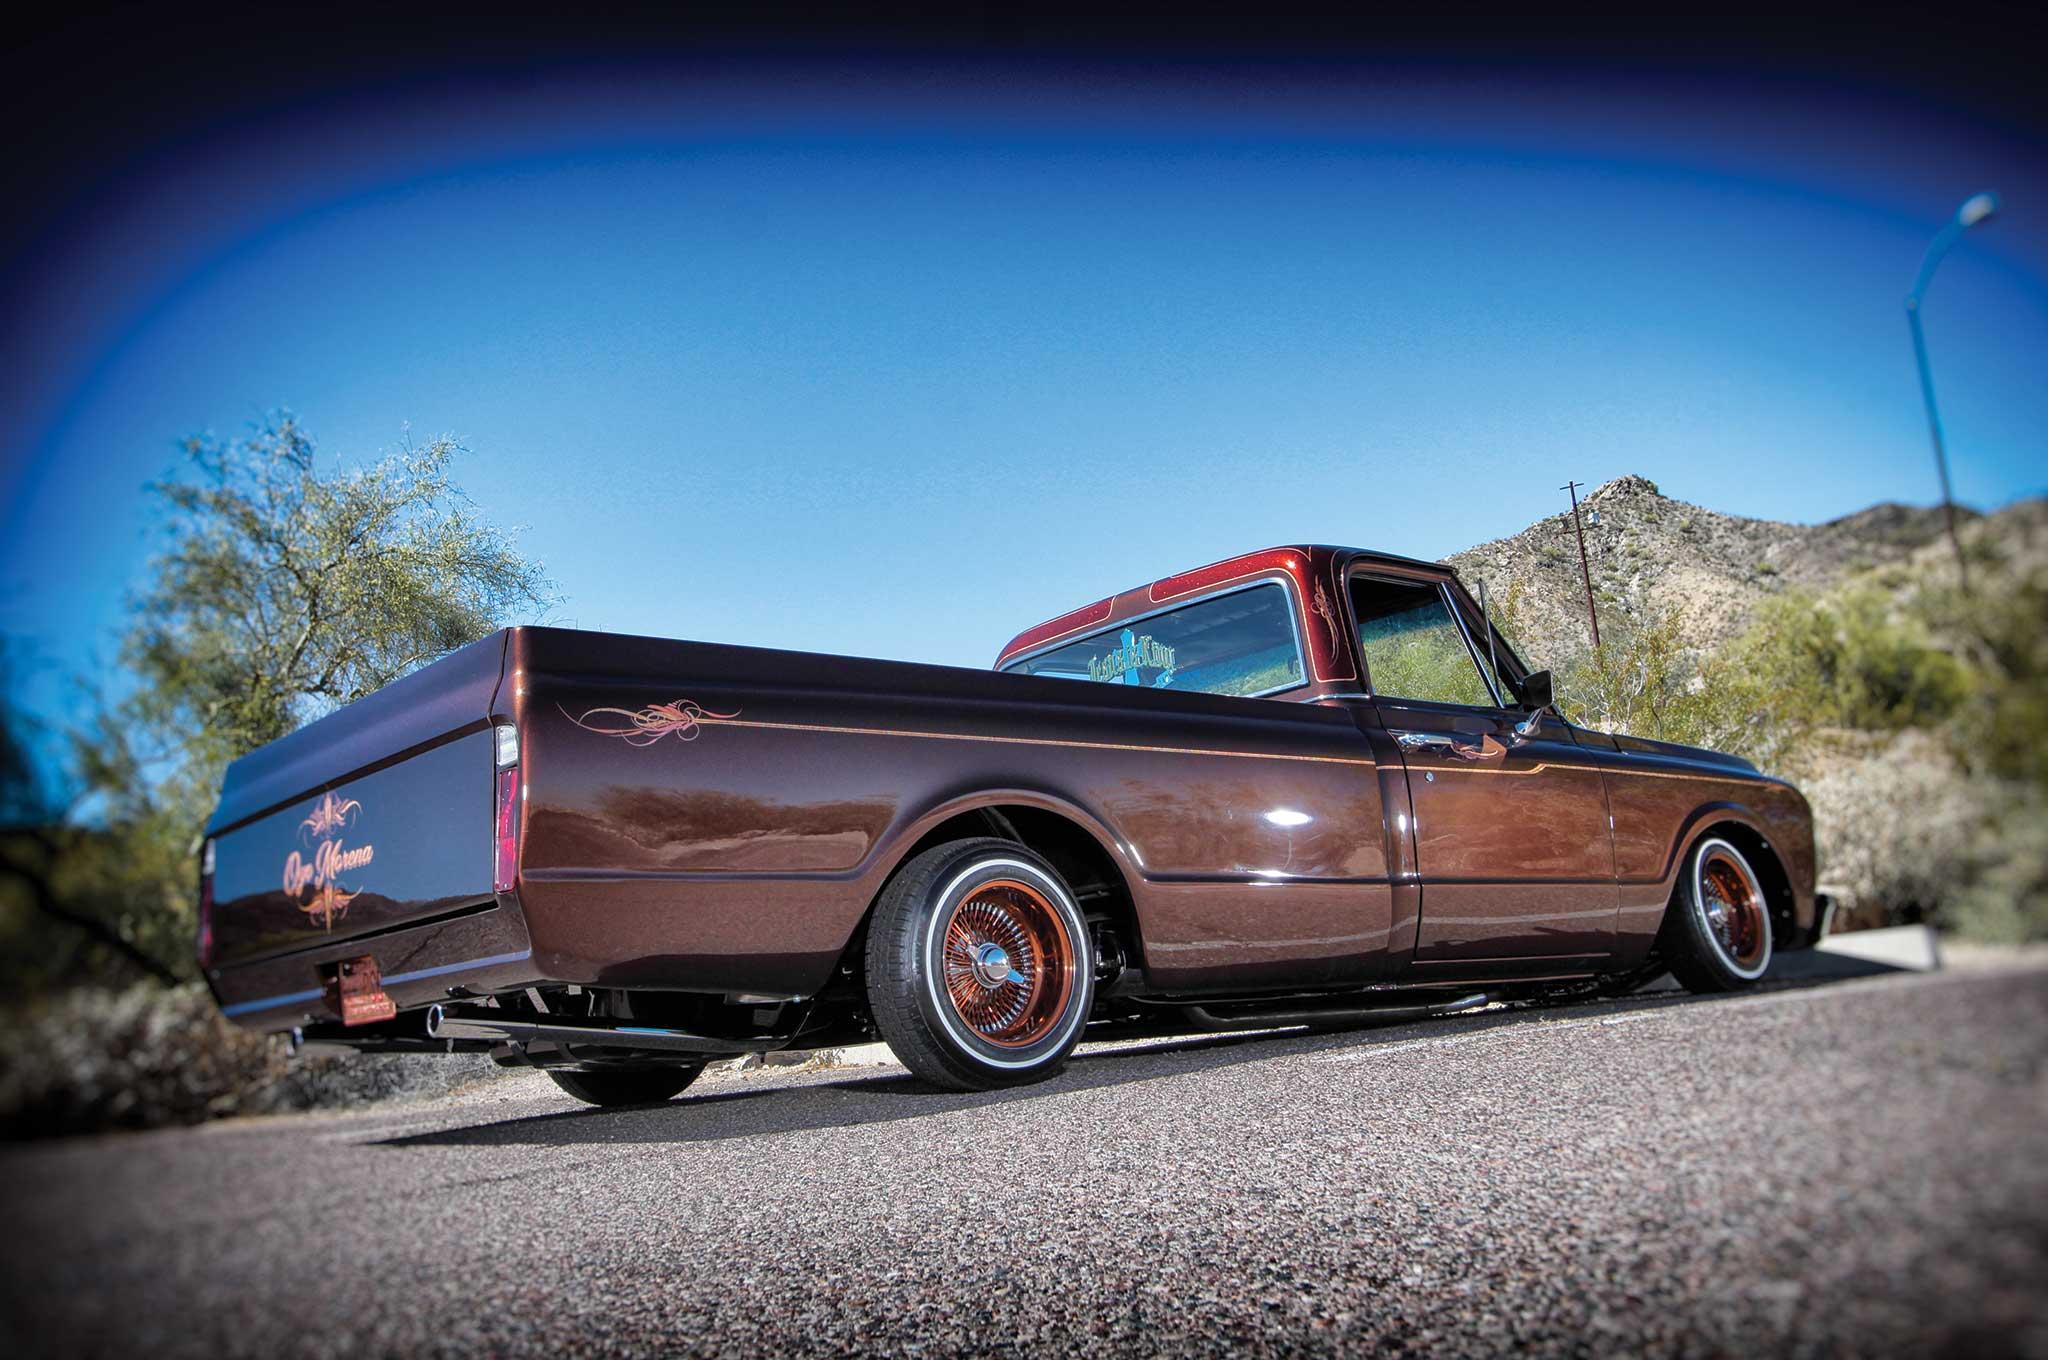 1971 Chevrolet C10 - Oye Morena! - Lowrider